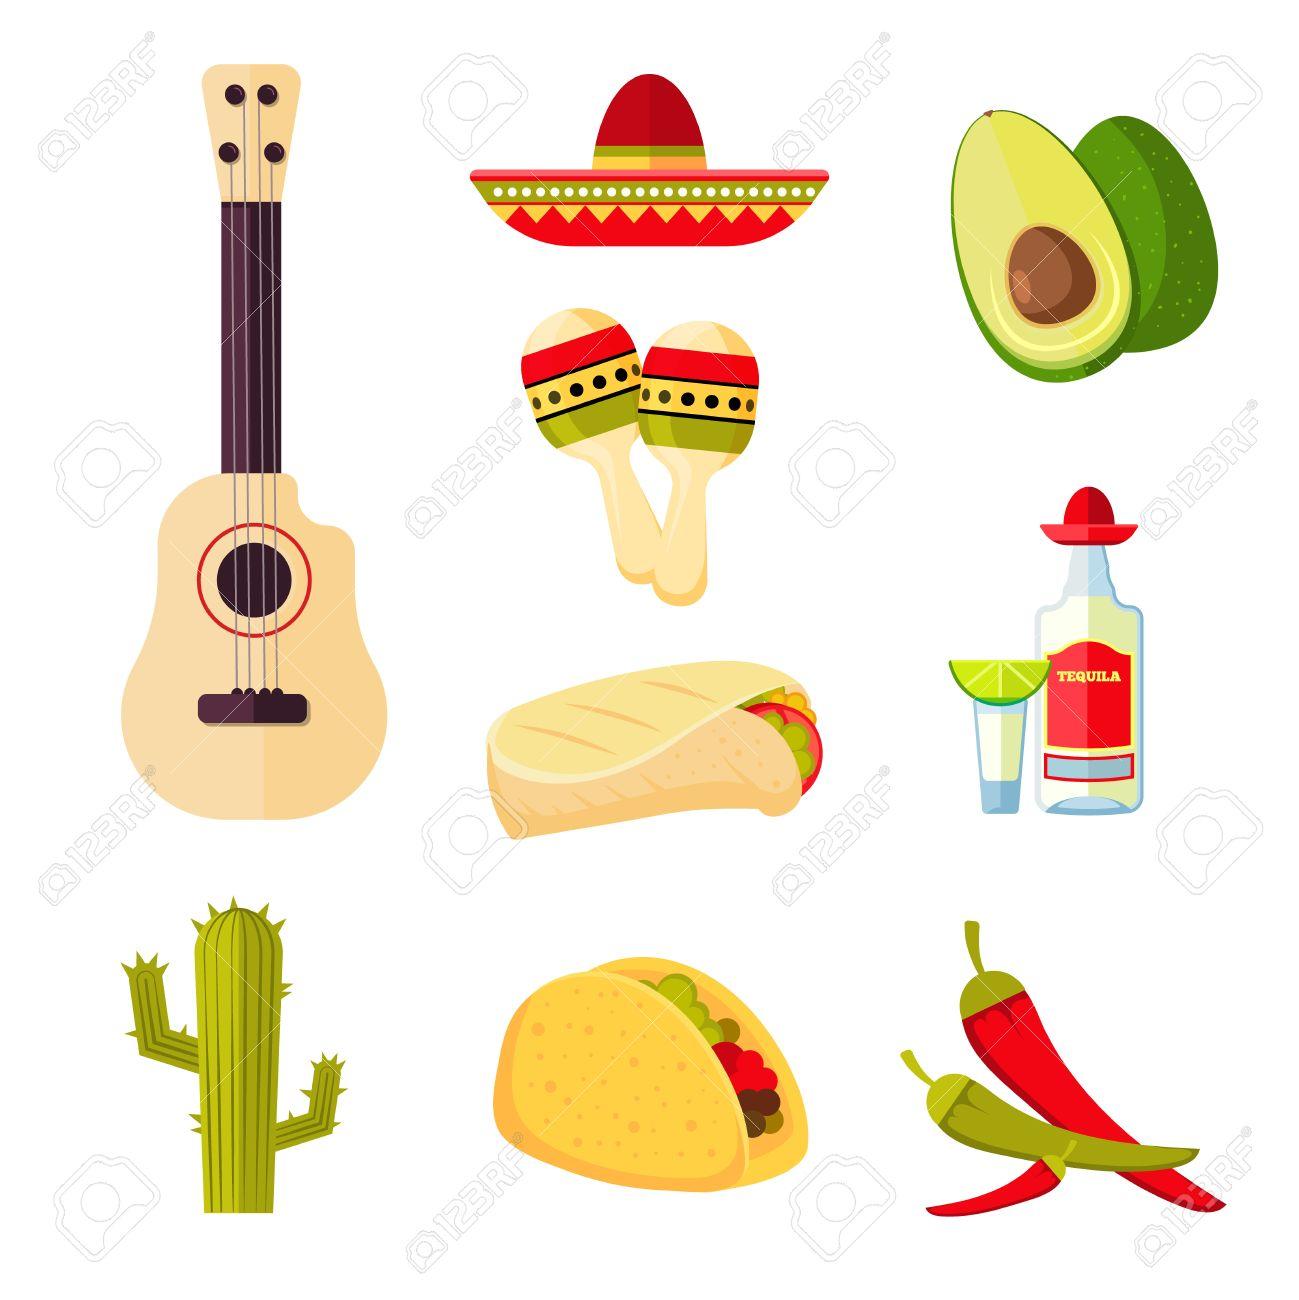 Mexikanische Küche Cartoon Gemüse, Essen Und Getränke Vektor Stock ...